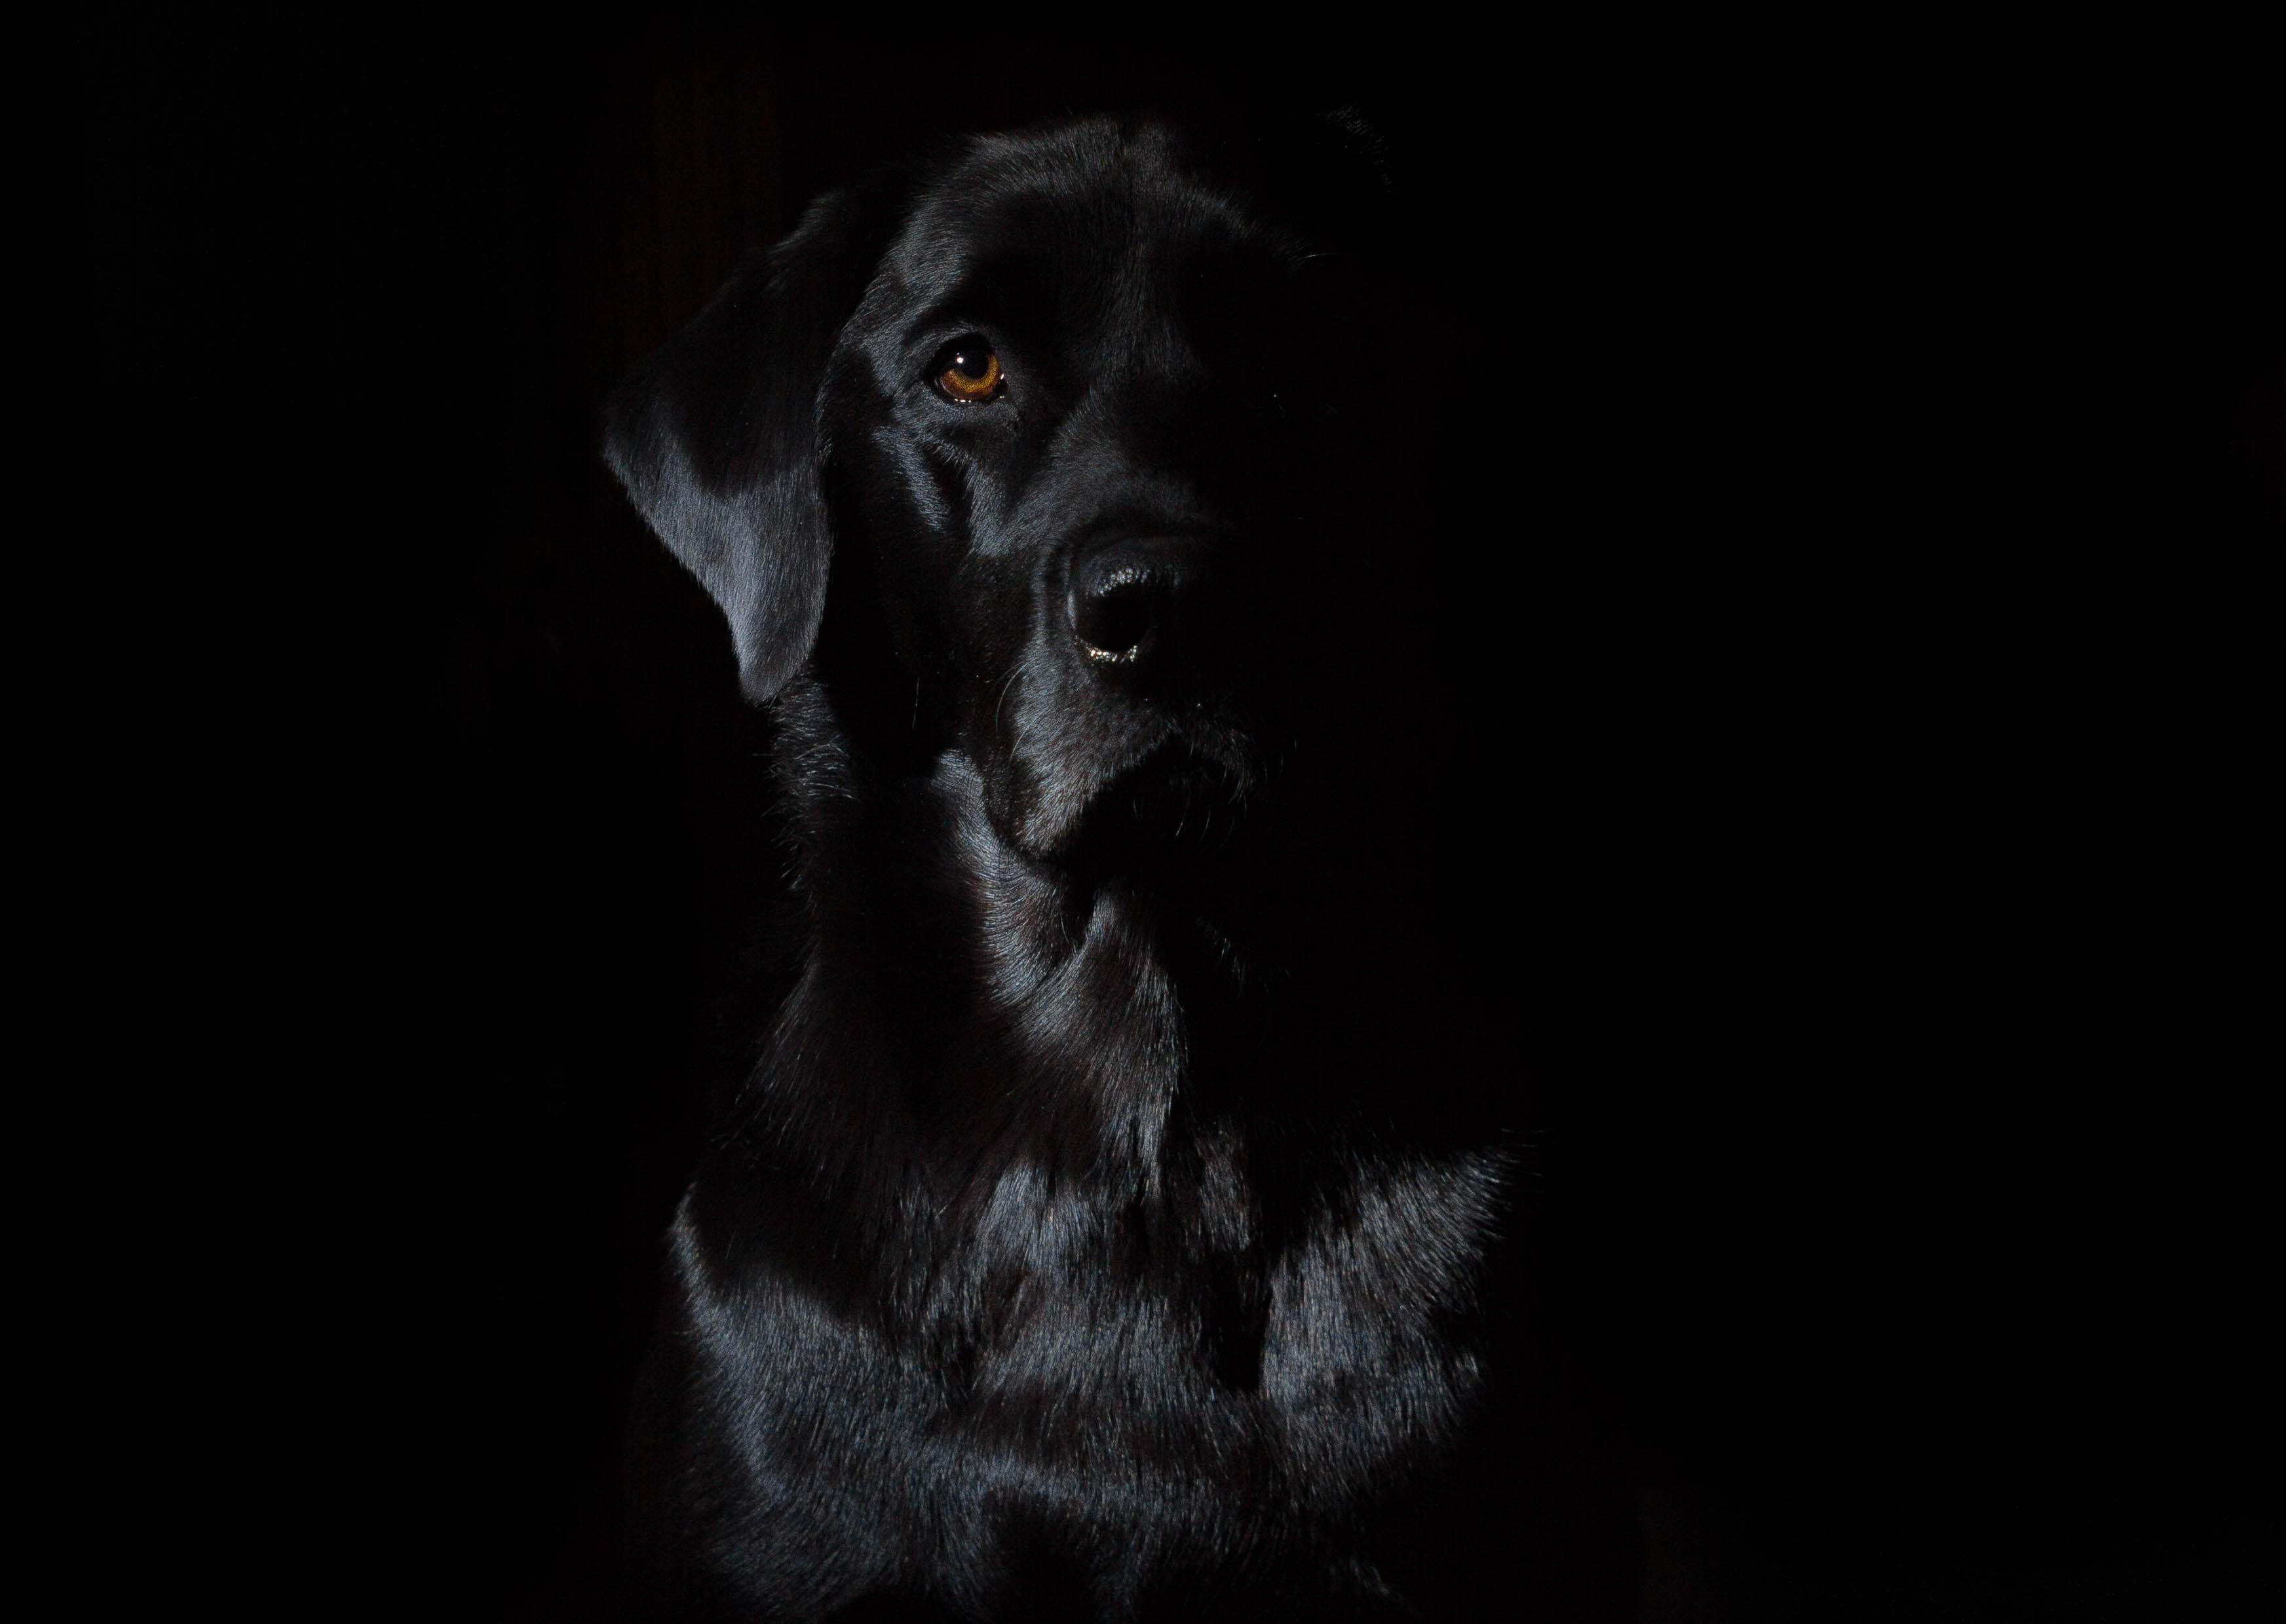 Wallpaper : camera, Canon, whiskers, Flash, pet, Labrador ...